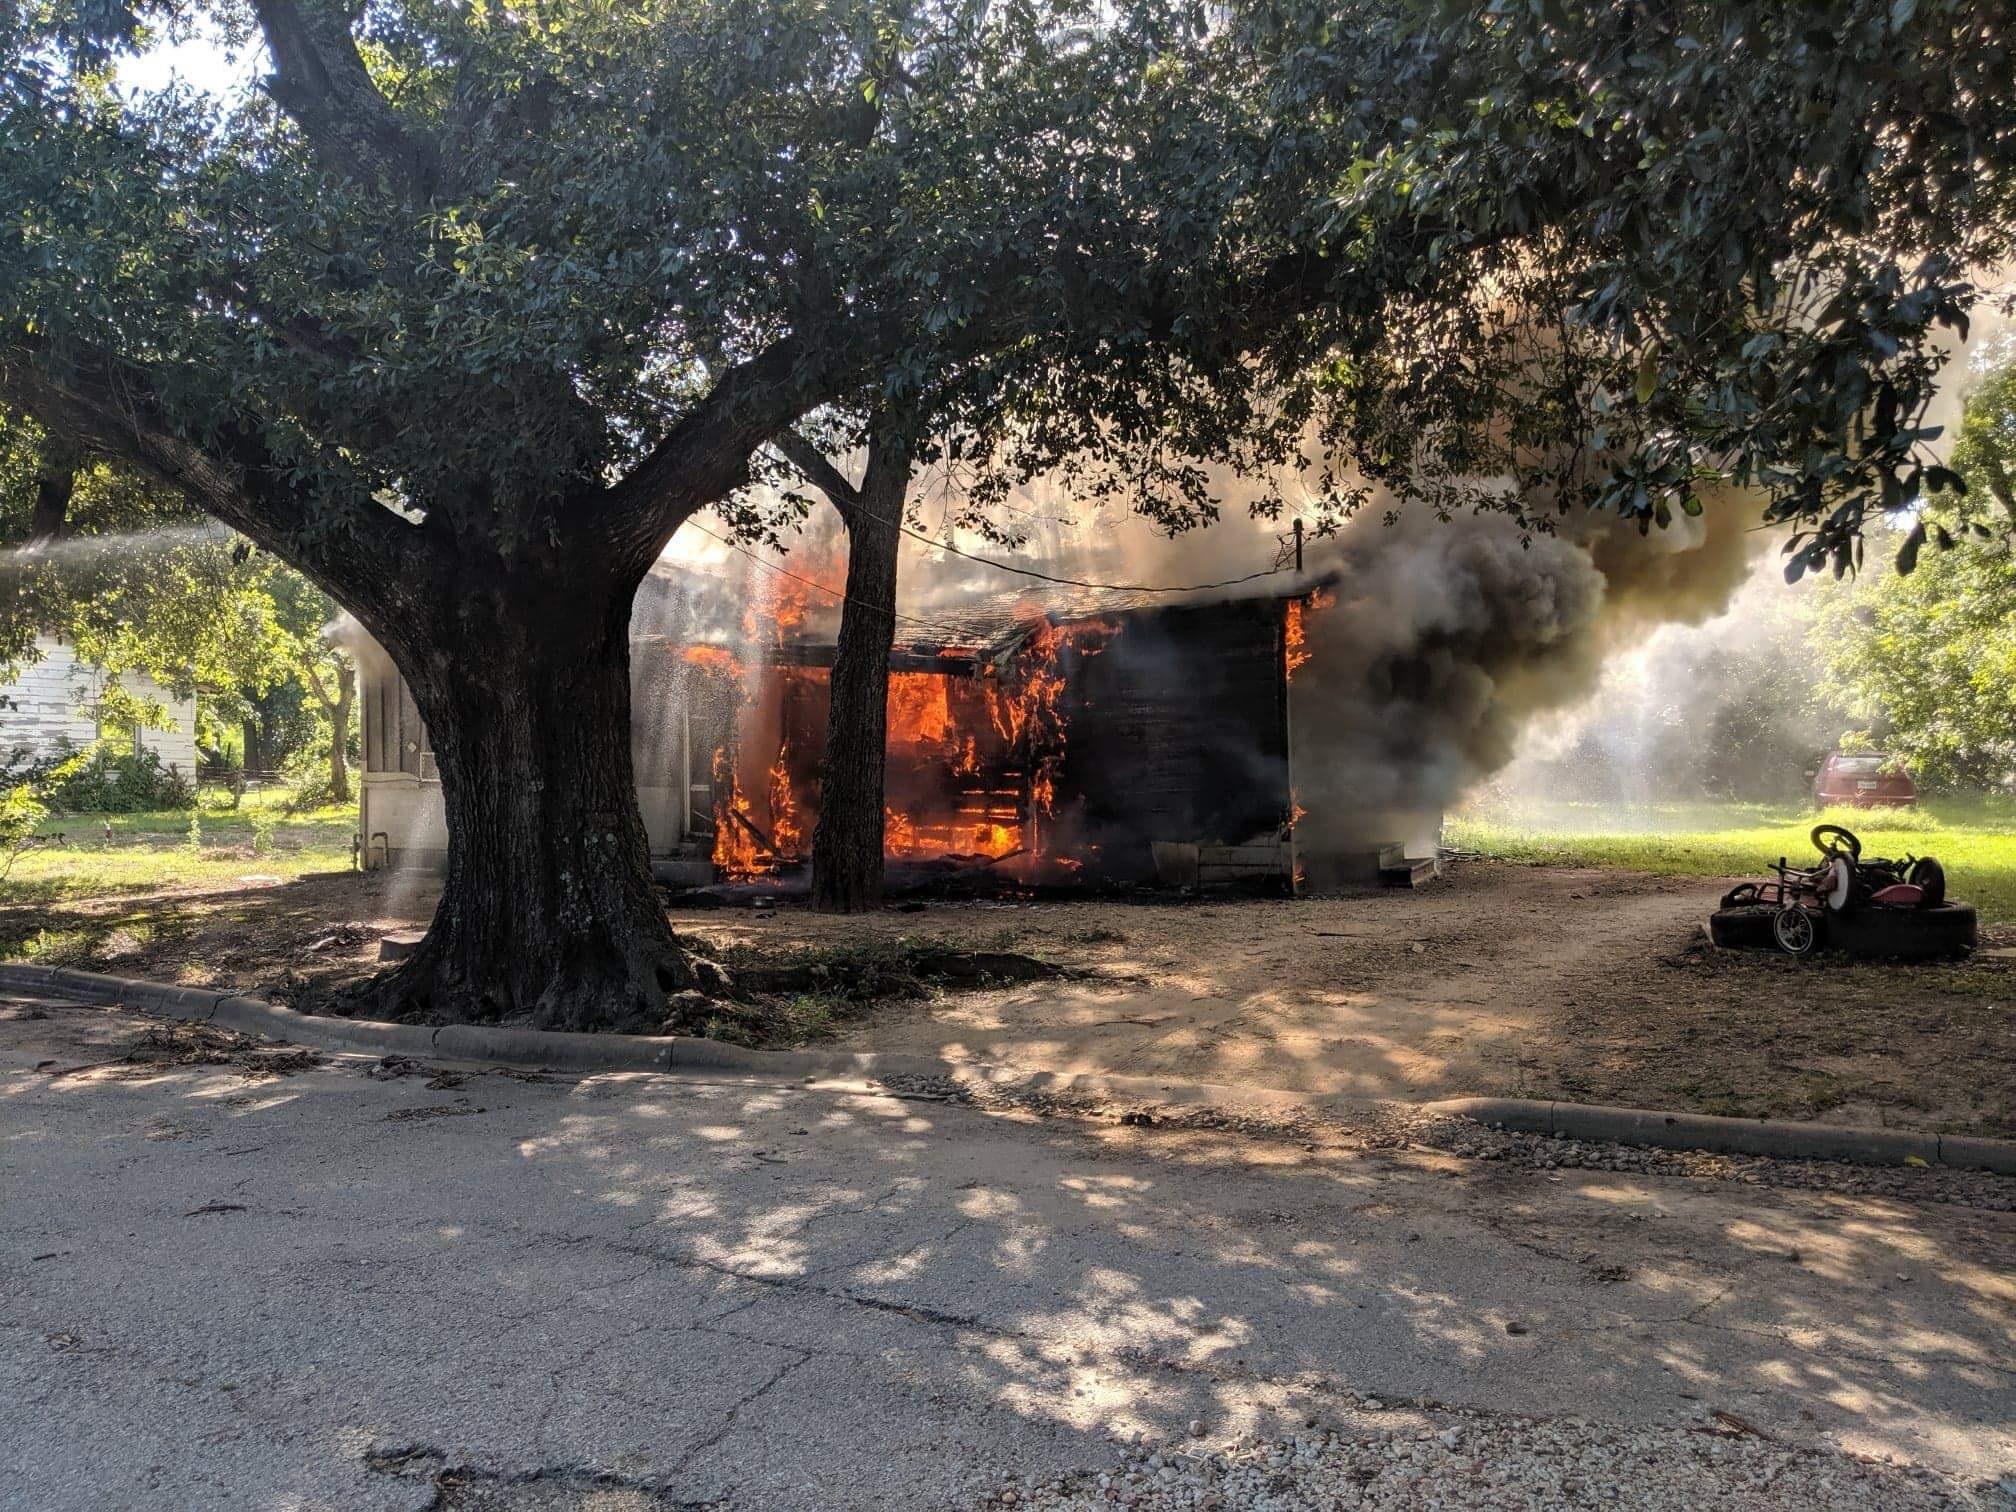 Fire destroys Groesbeck home   KWKT - FOX 44